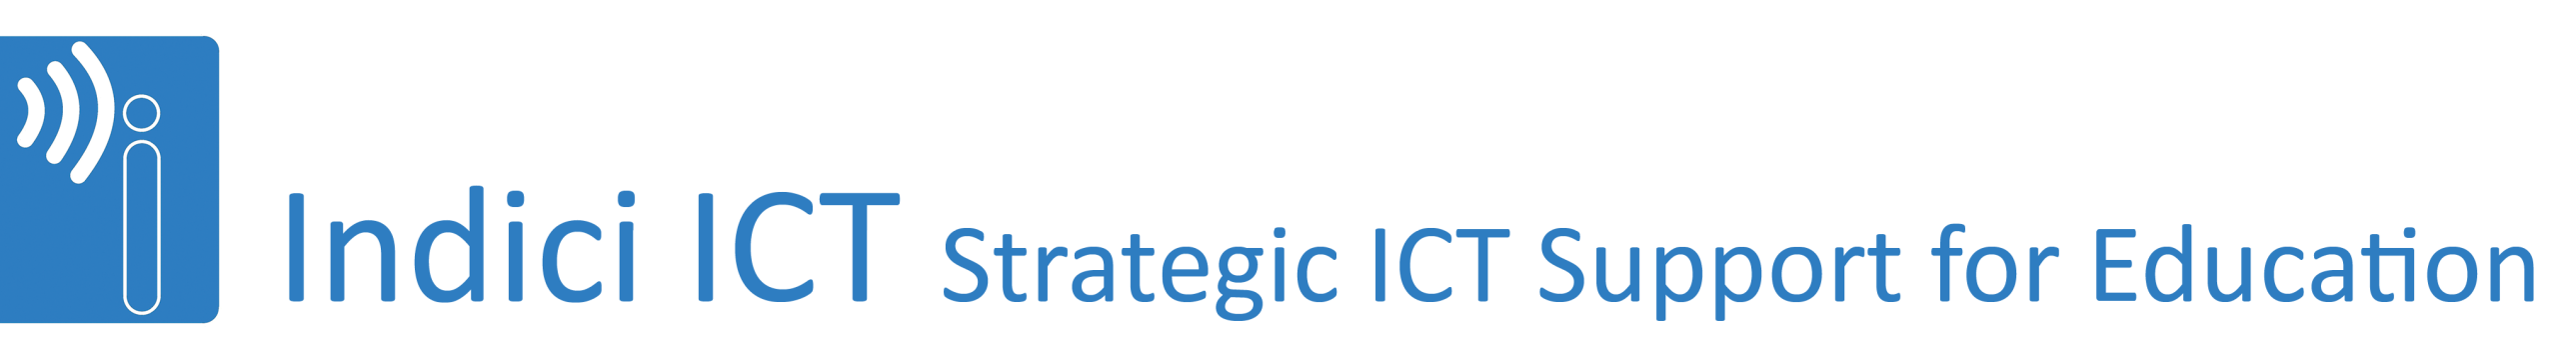 Indici ICT